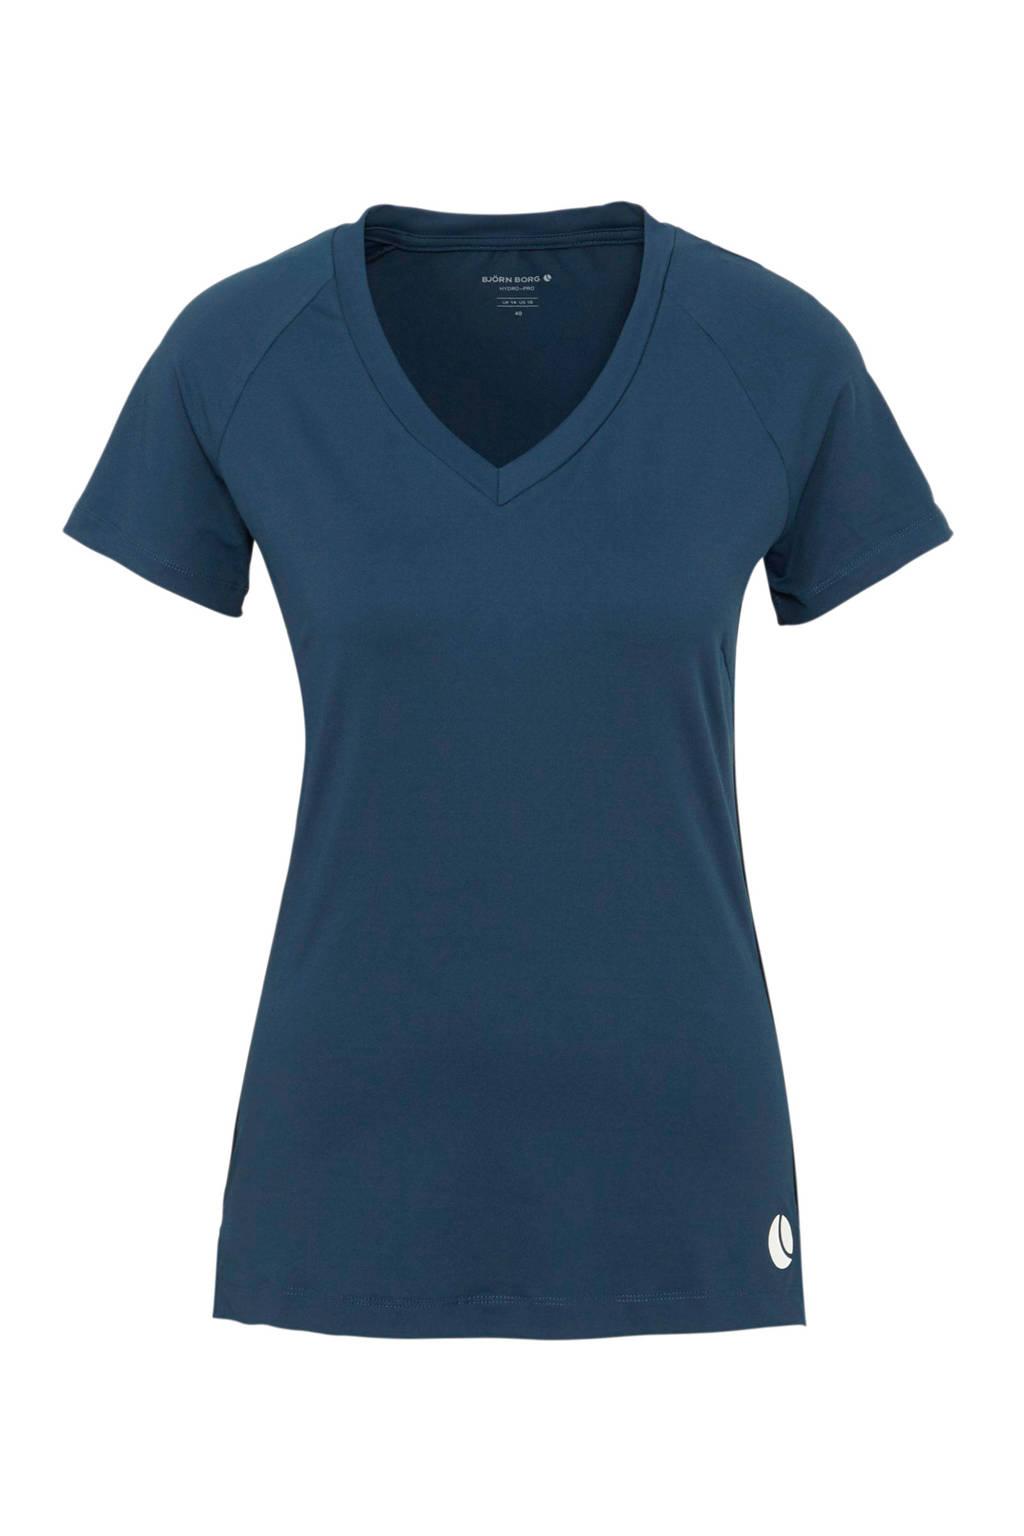 Björn Borg sport T-shirt blauw, Blauw